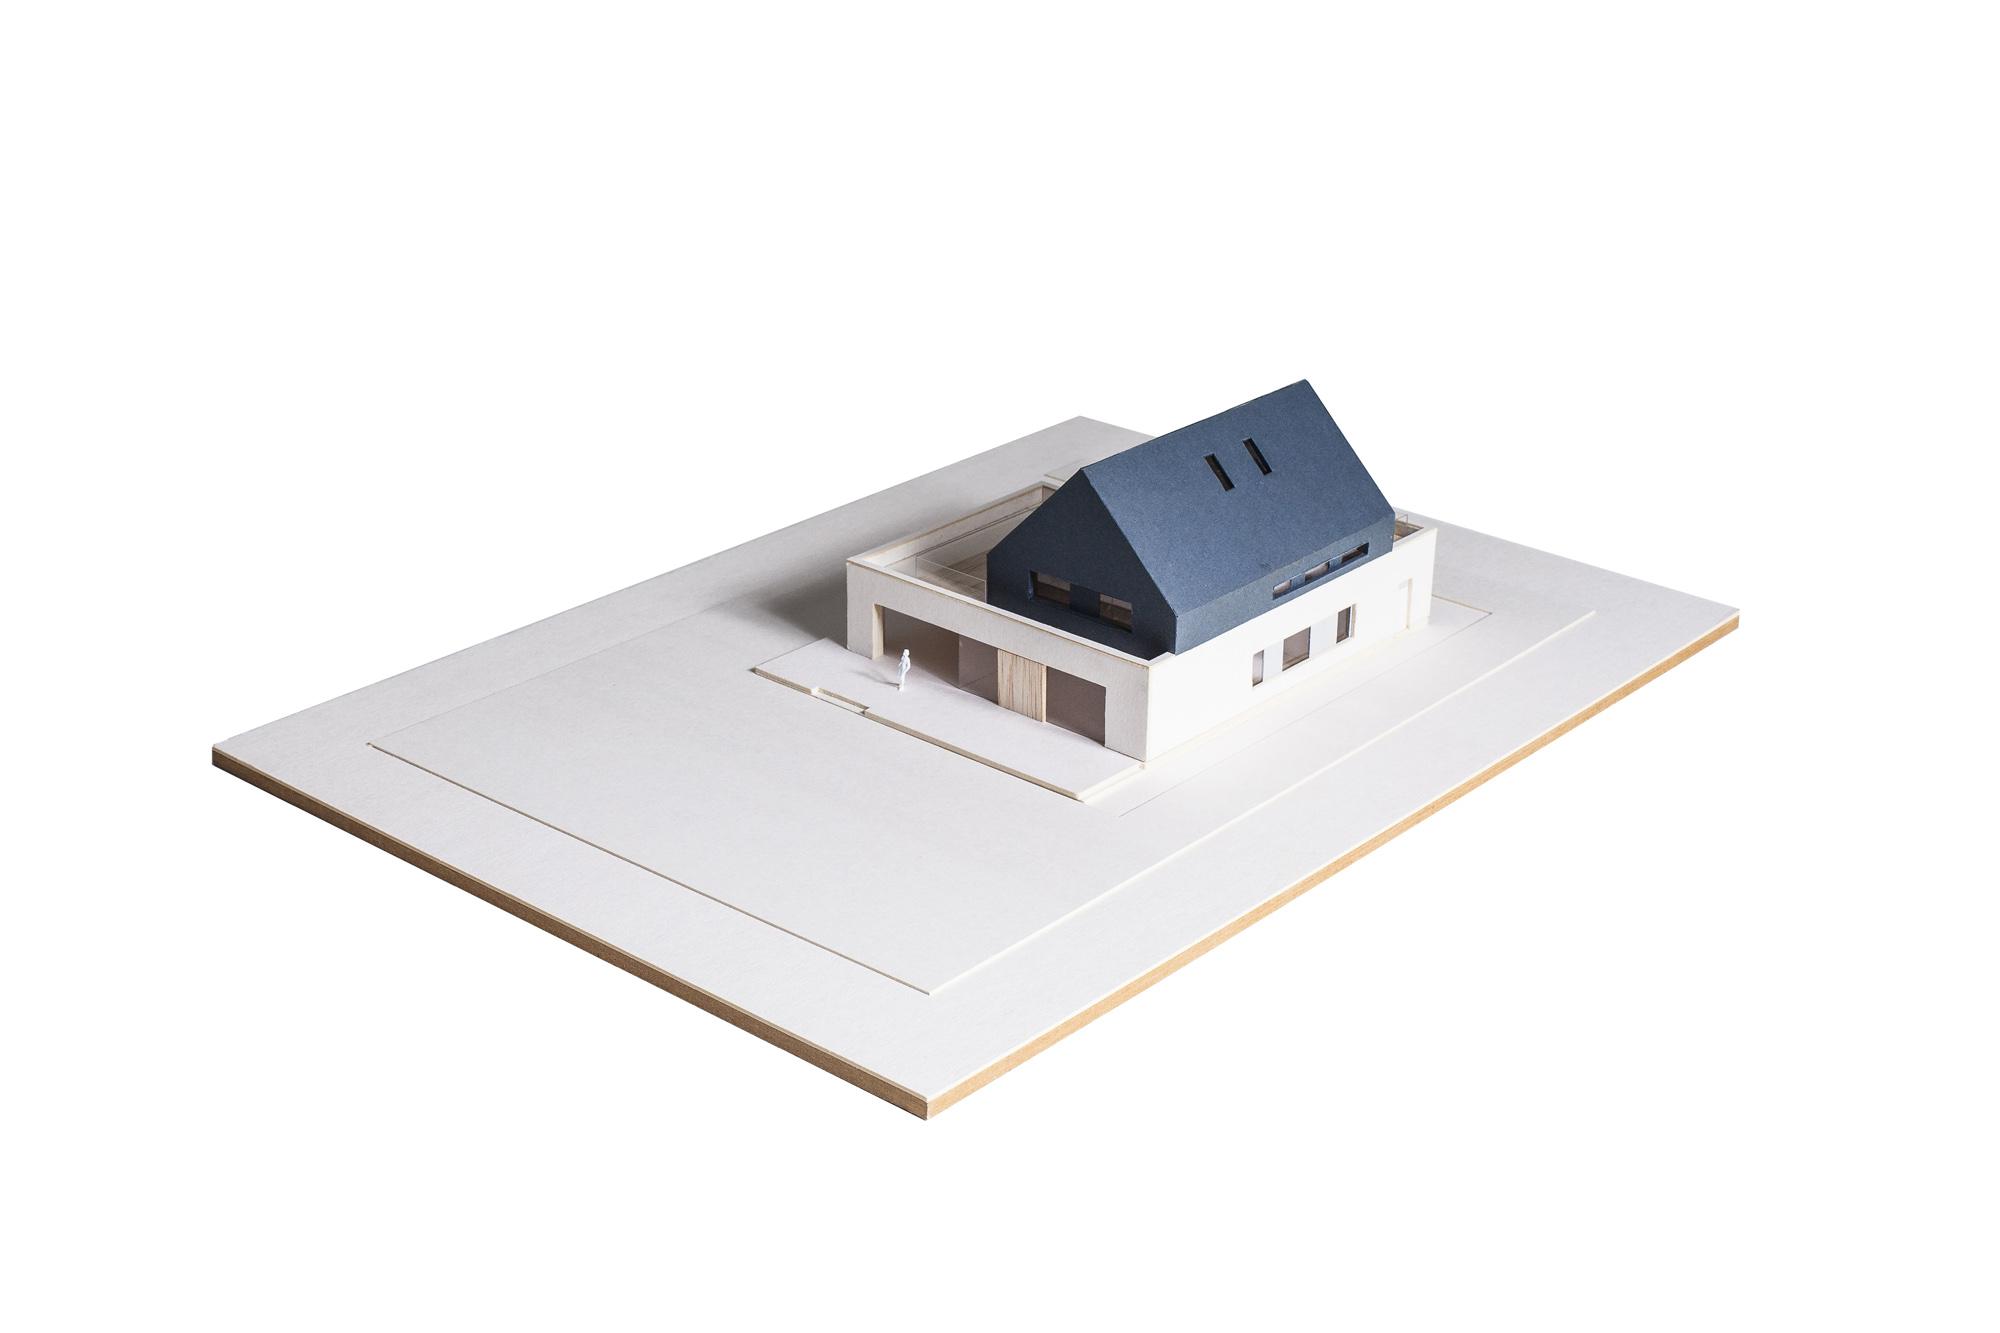 MLC-ZLO-dom-model-05w copy